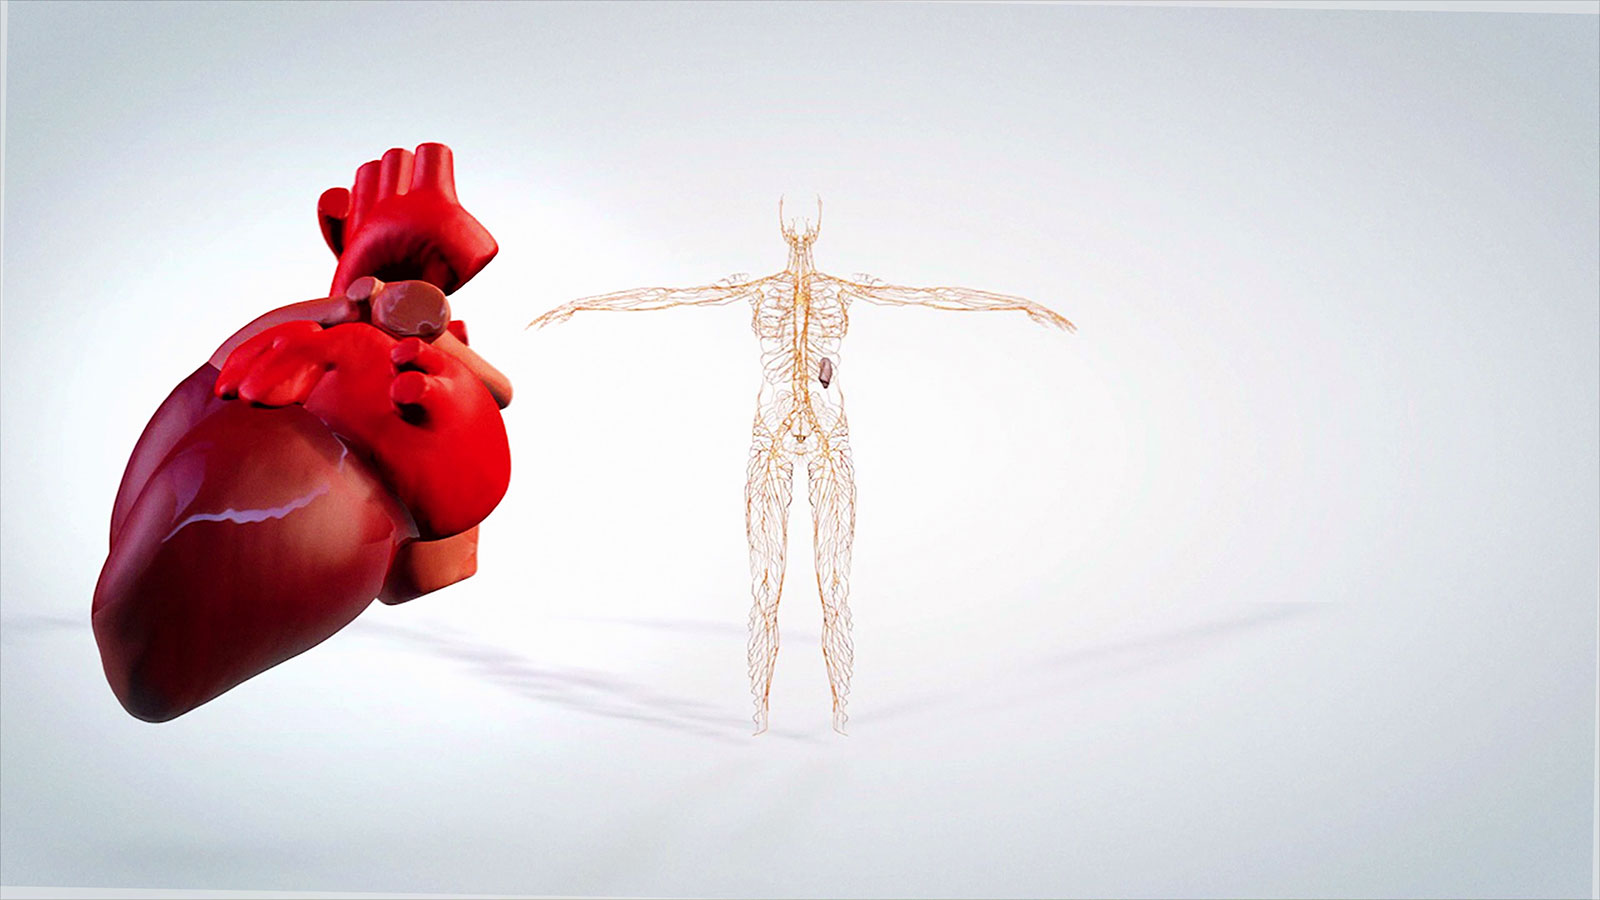 medische-animatiefilm-laten-maken-ziekenhuis